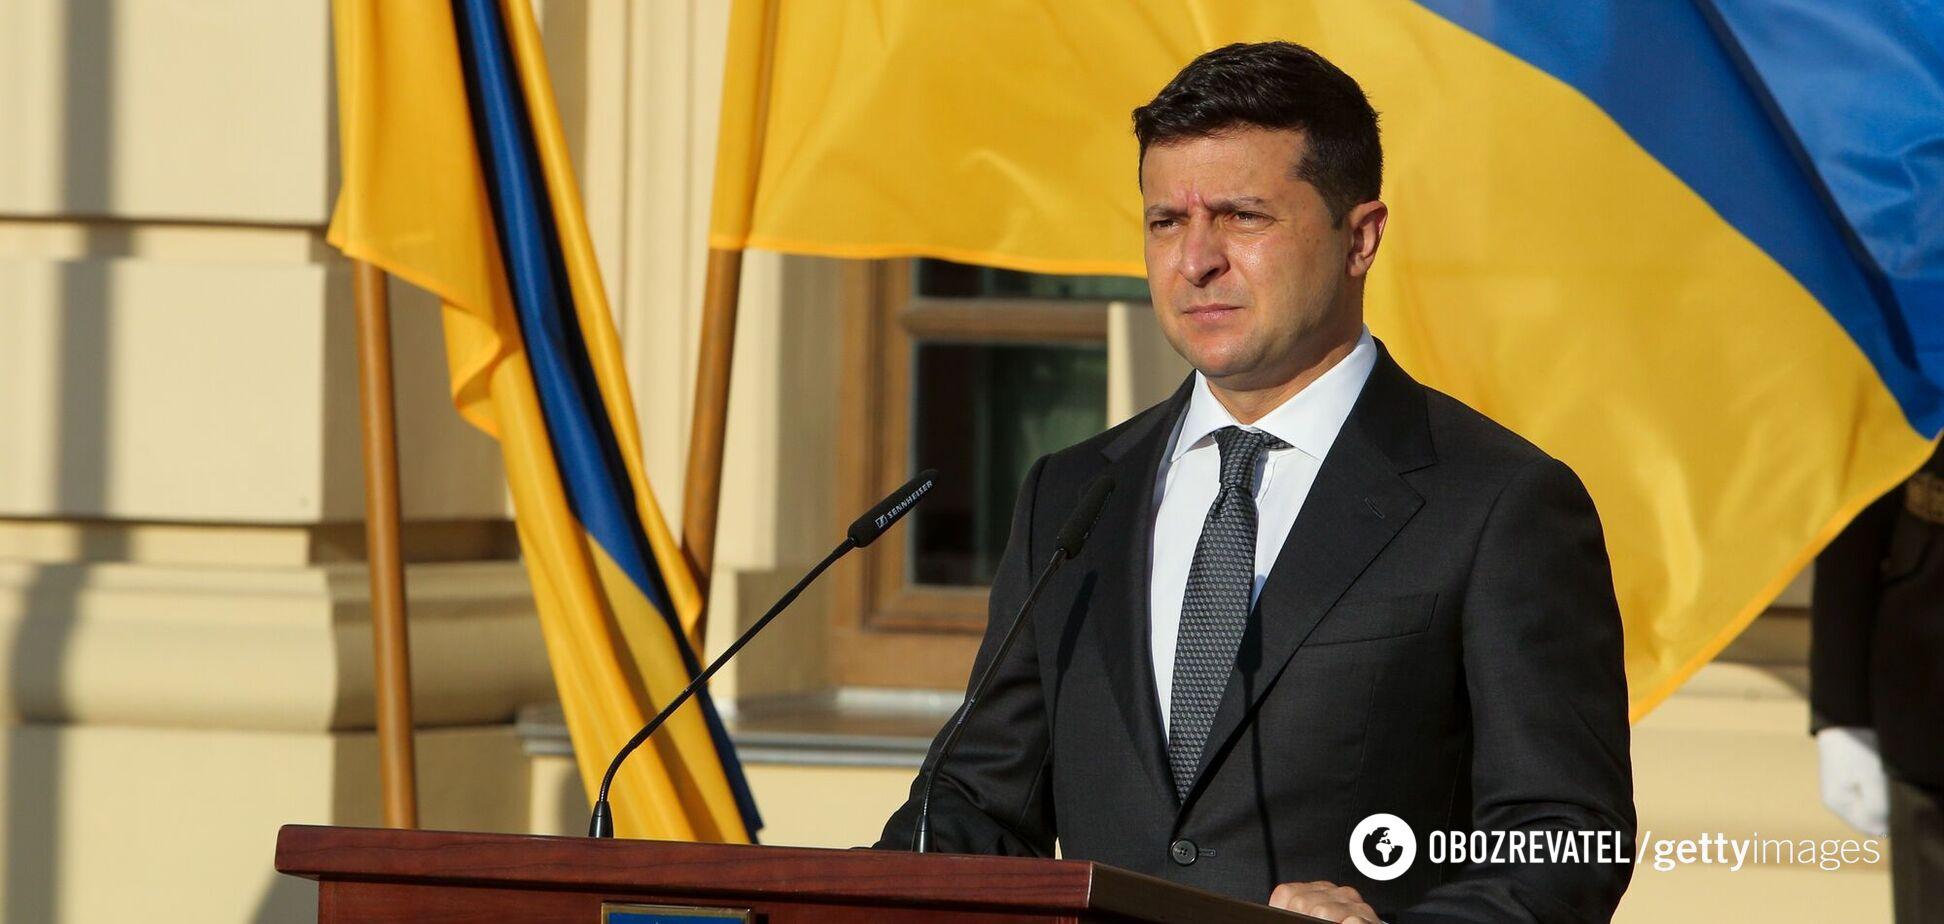 Президент Володимир Зеленський розповів, про що шкодує після засідання РНБО